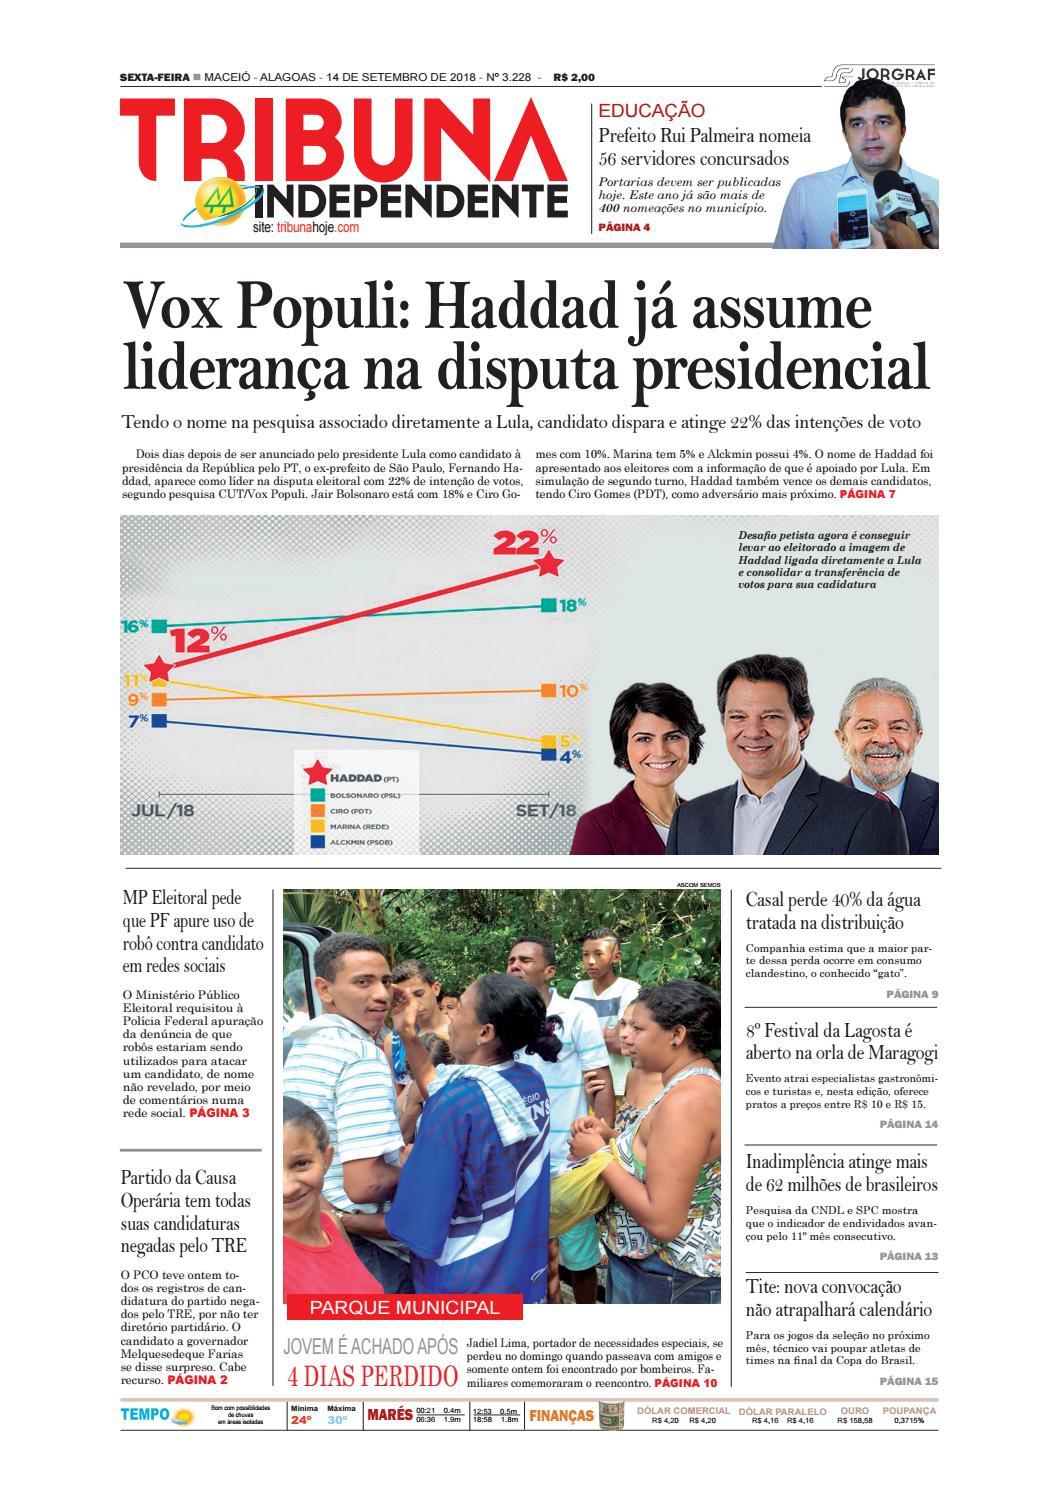 91c81b2db1 Edição número 3228 - 14 de setembro de 2018 by Tribuna Hoje - issuu